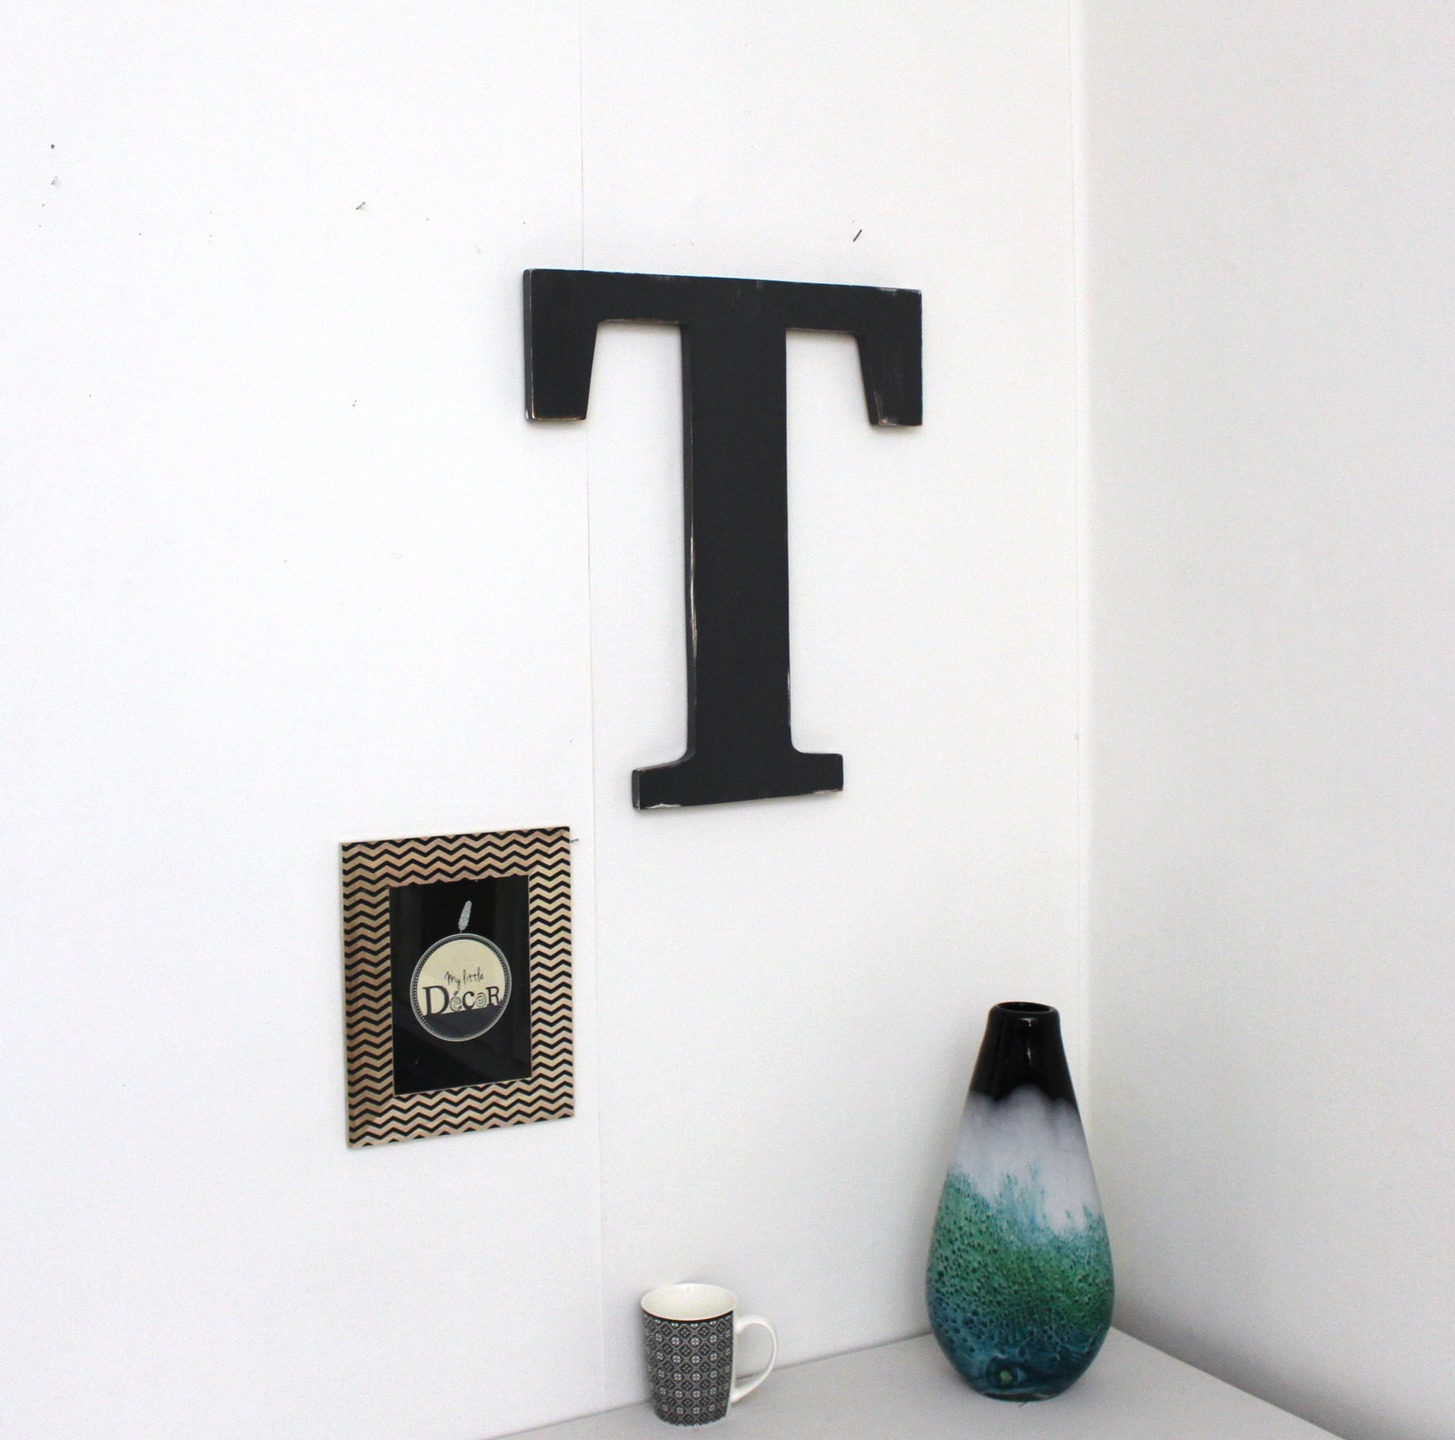 lettre murale deco top lettre deco en ardoise cm with lettre murale deco free decoration. Black Bedroom Furniture Sets. Home Design Ideas